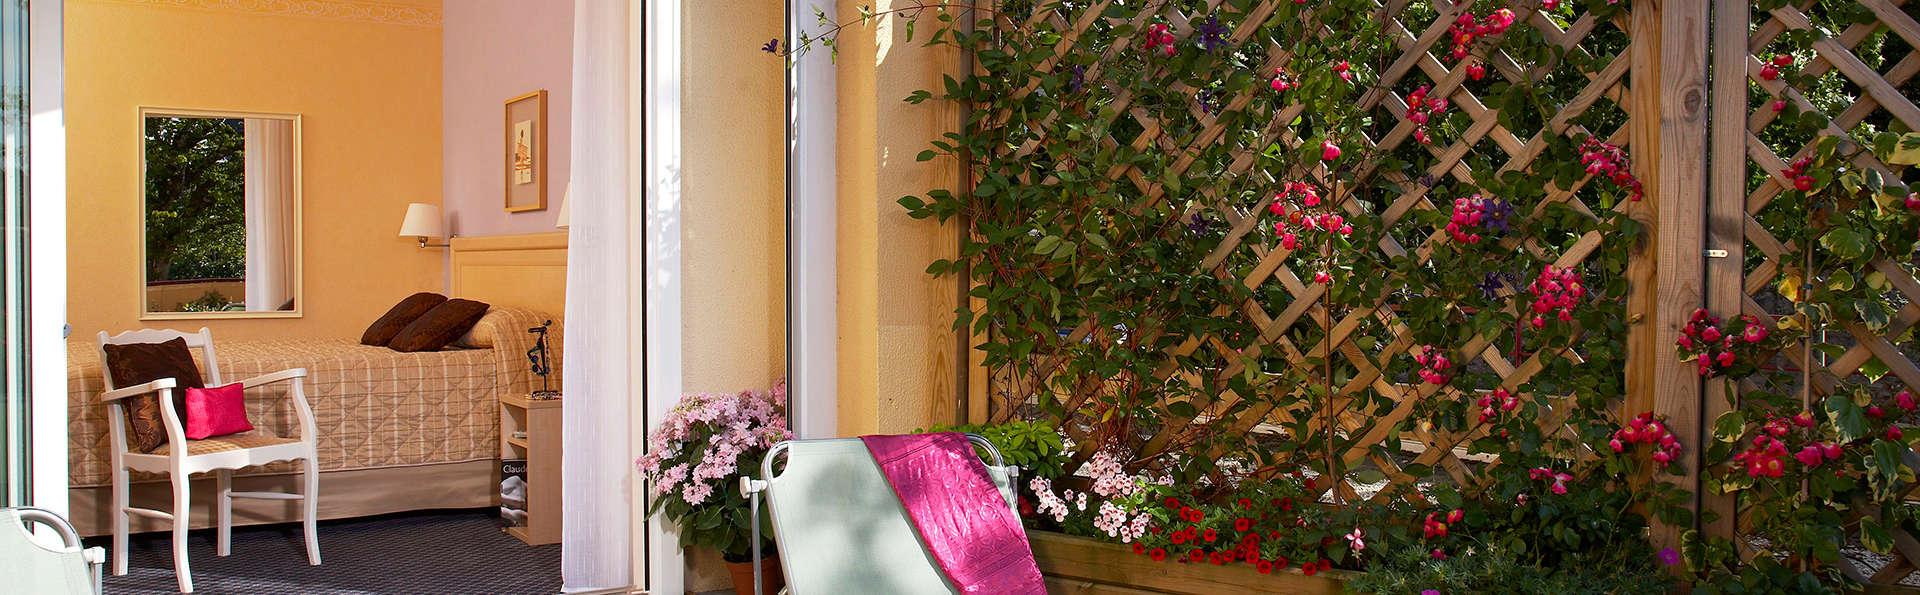 Bagnoles Hotel - EDIT_terraceroom.jpg